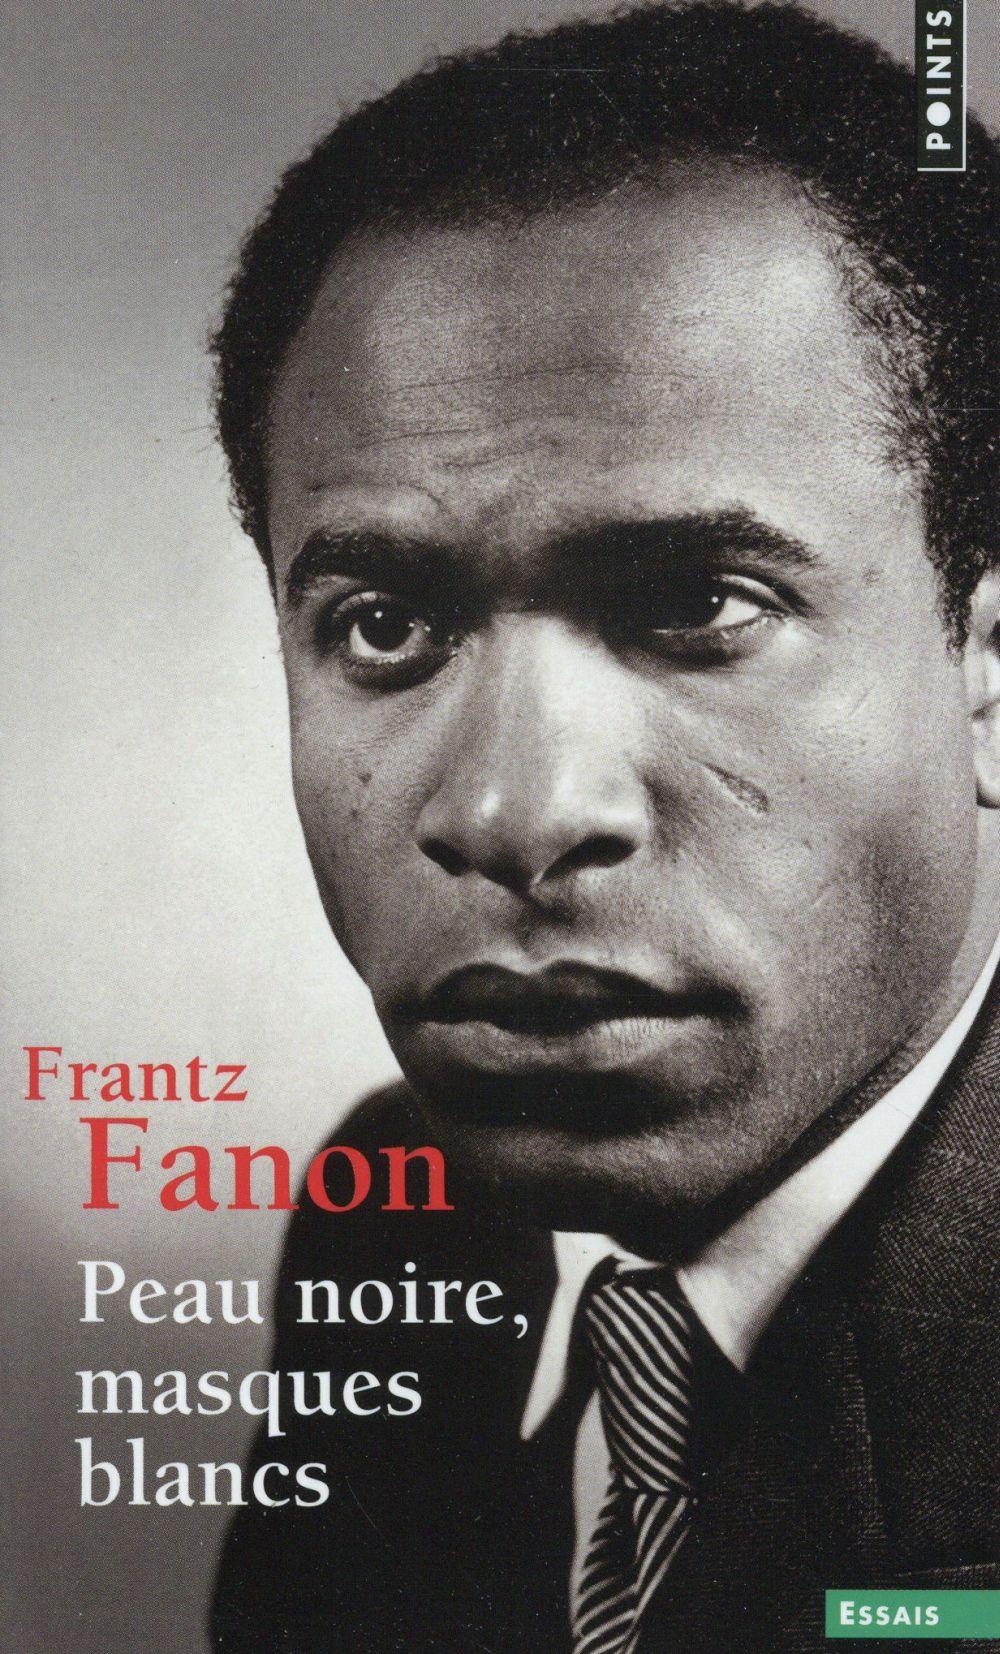 PEAU NOIRE, MASQUES BLANCS Fanon Frantz Points